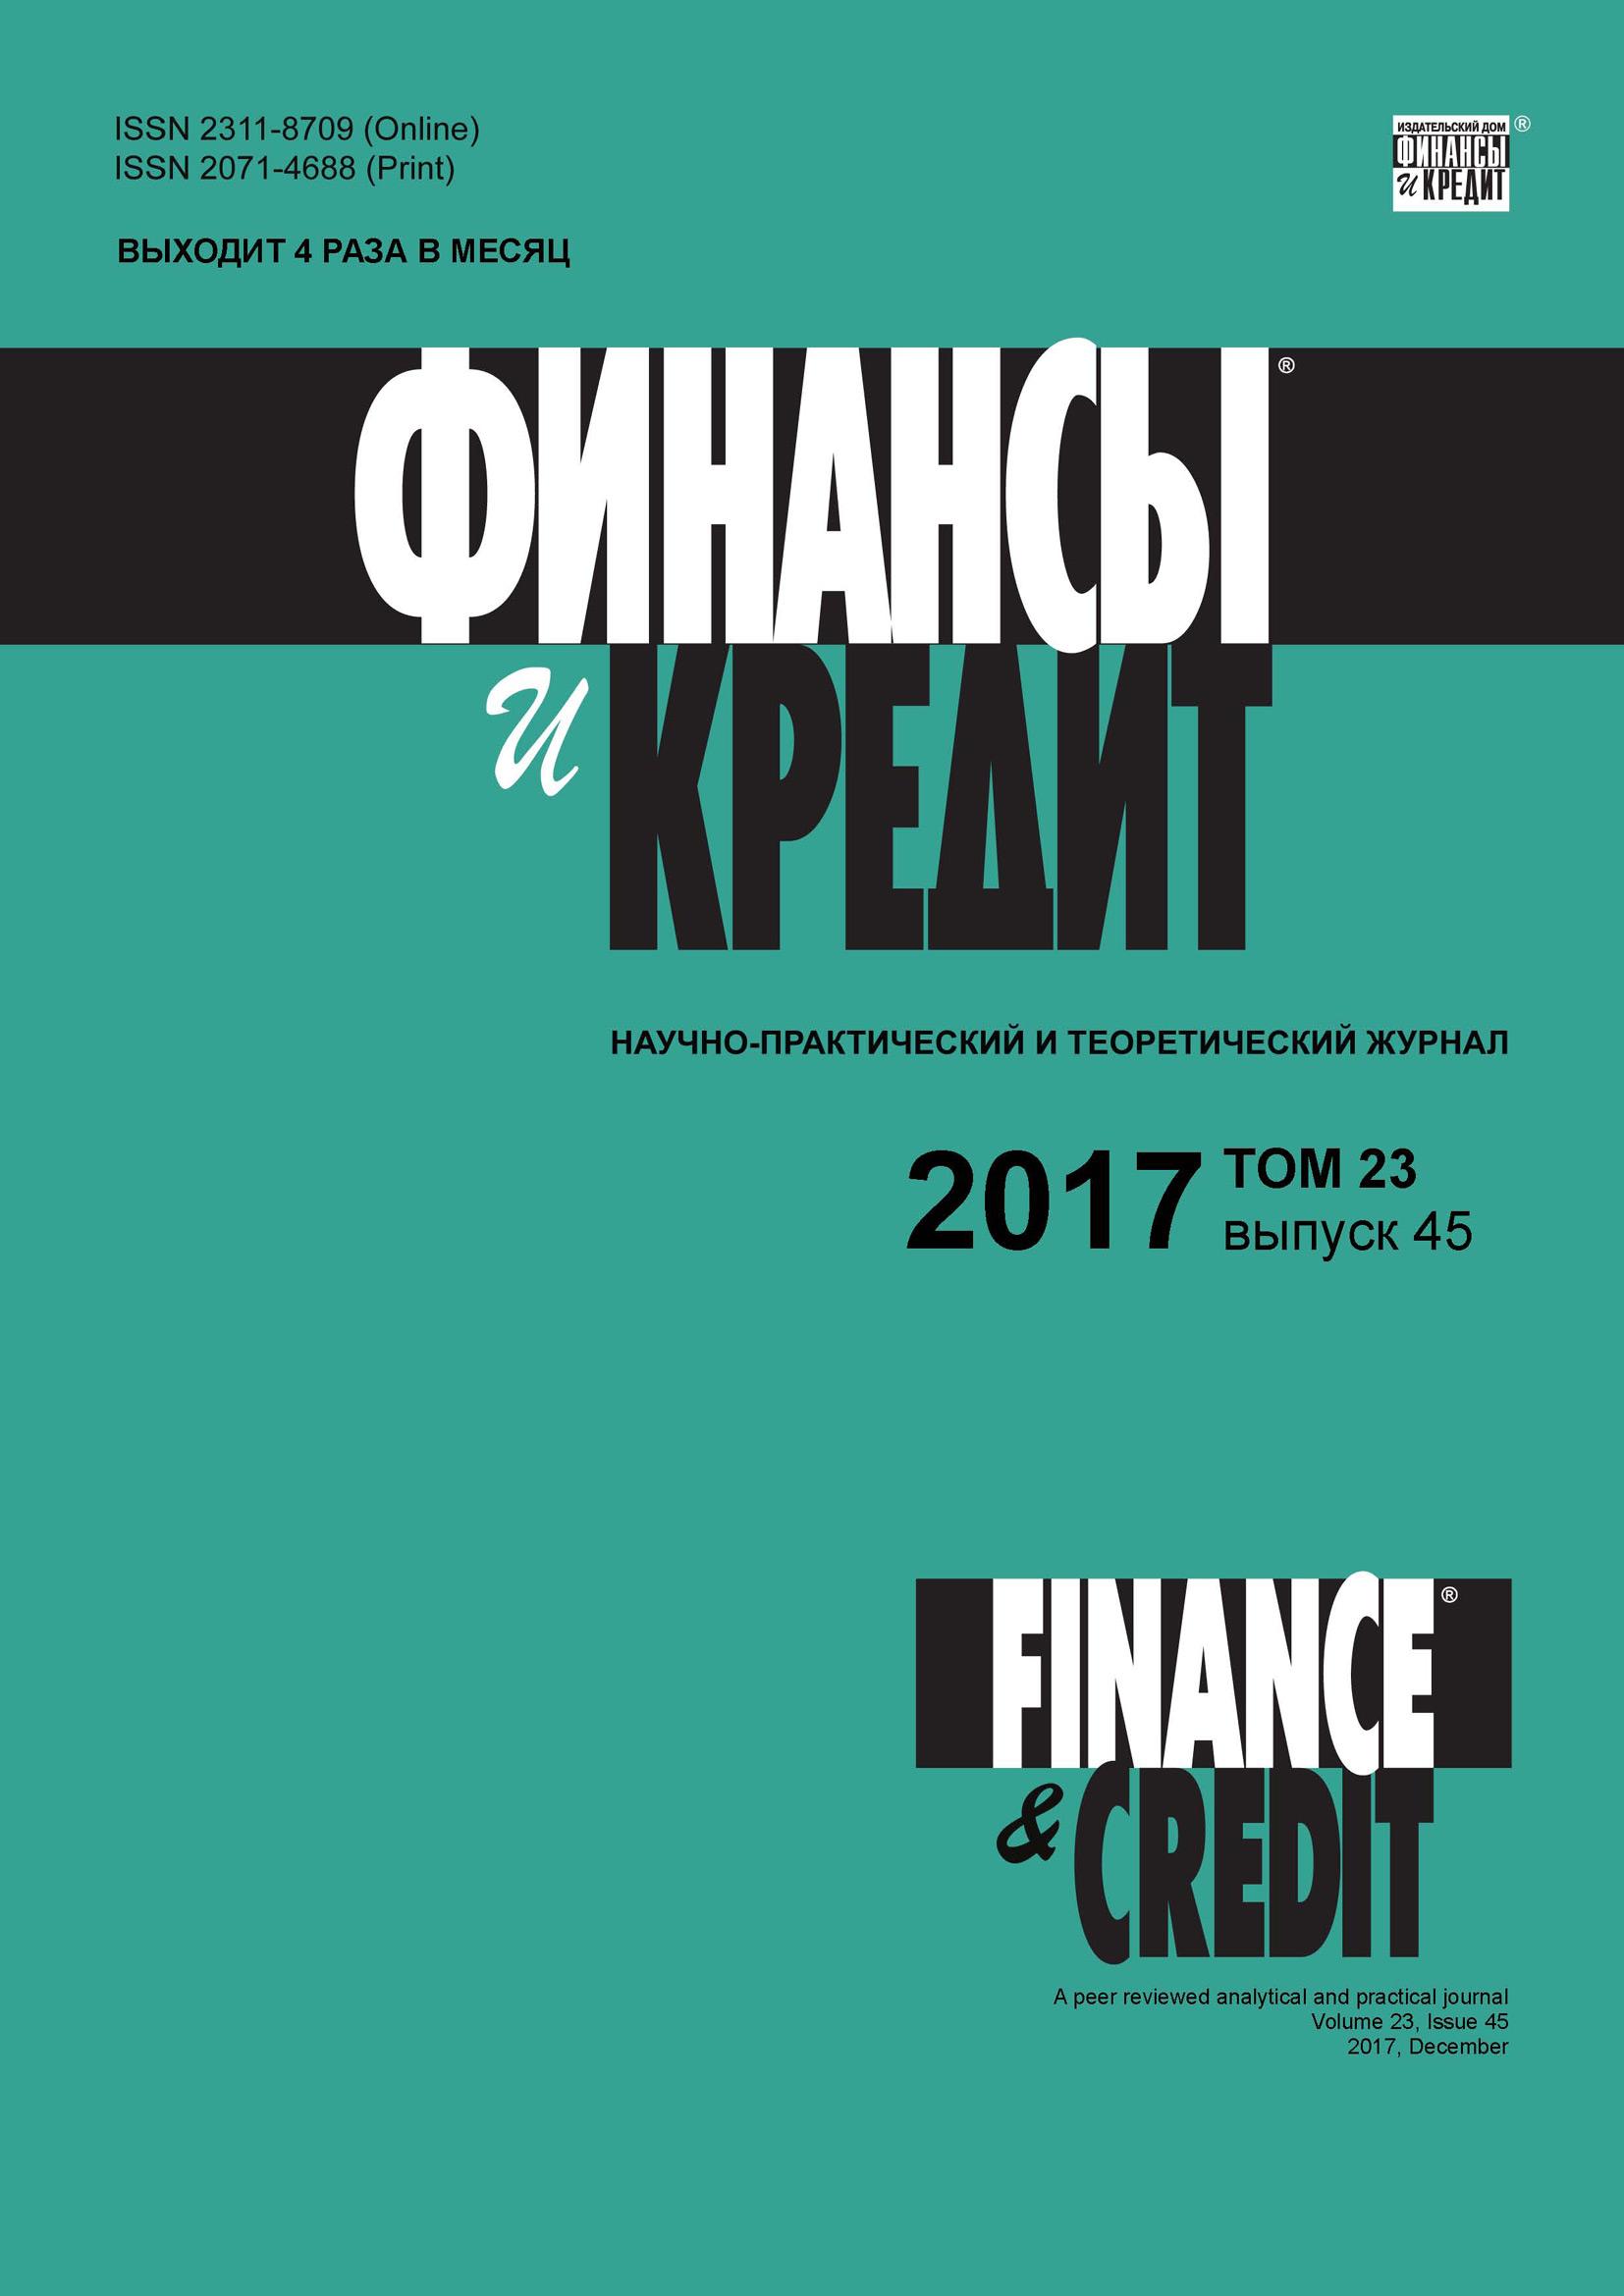 Финансы и Кредит № 45 2017 ( Отсутствует  )